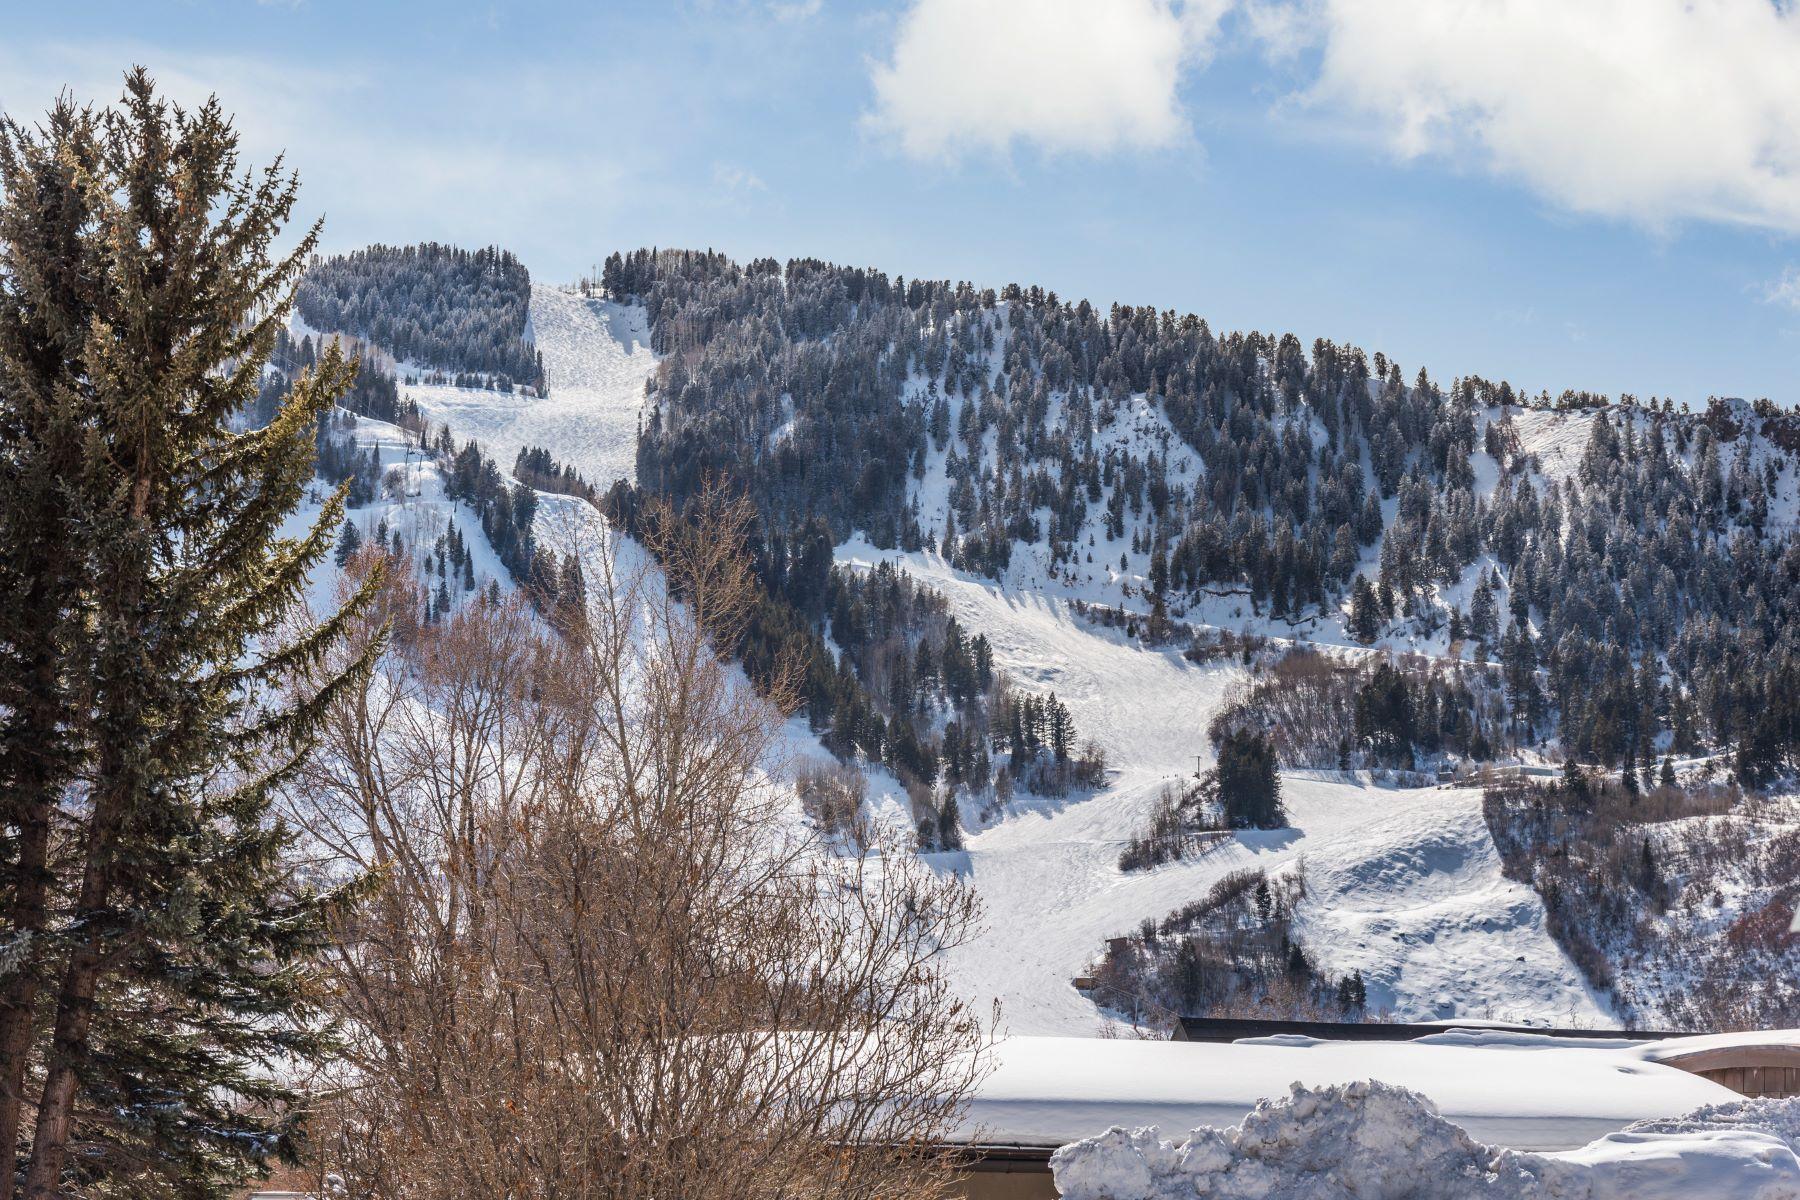 Частный односемейный дом для того Продажа на Perfect Location, Just Minutes to Aspen's Downtown Core 202 Cottonwood Lane, Aspen, Колорадо, 81611 Соединенные Штаты